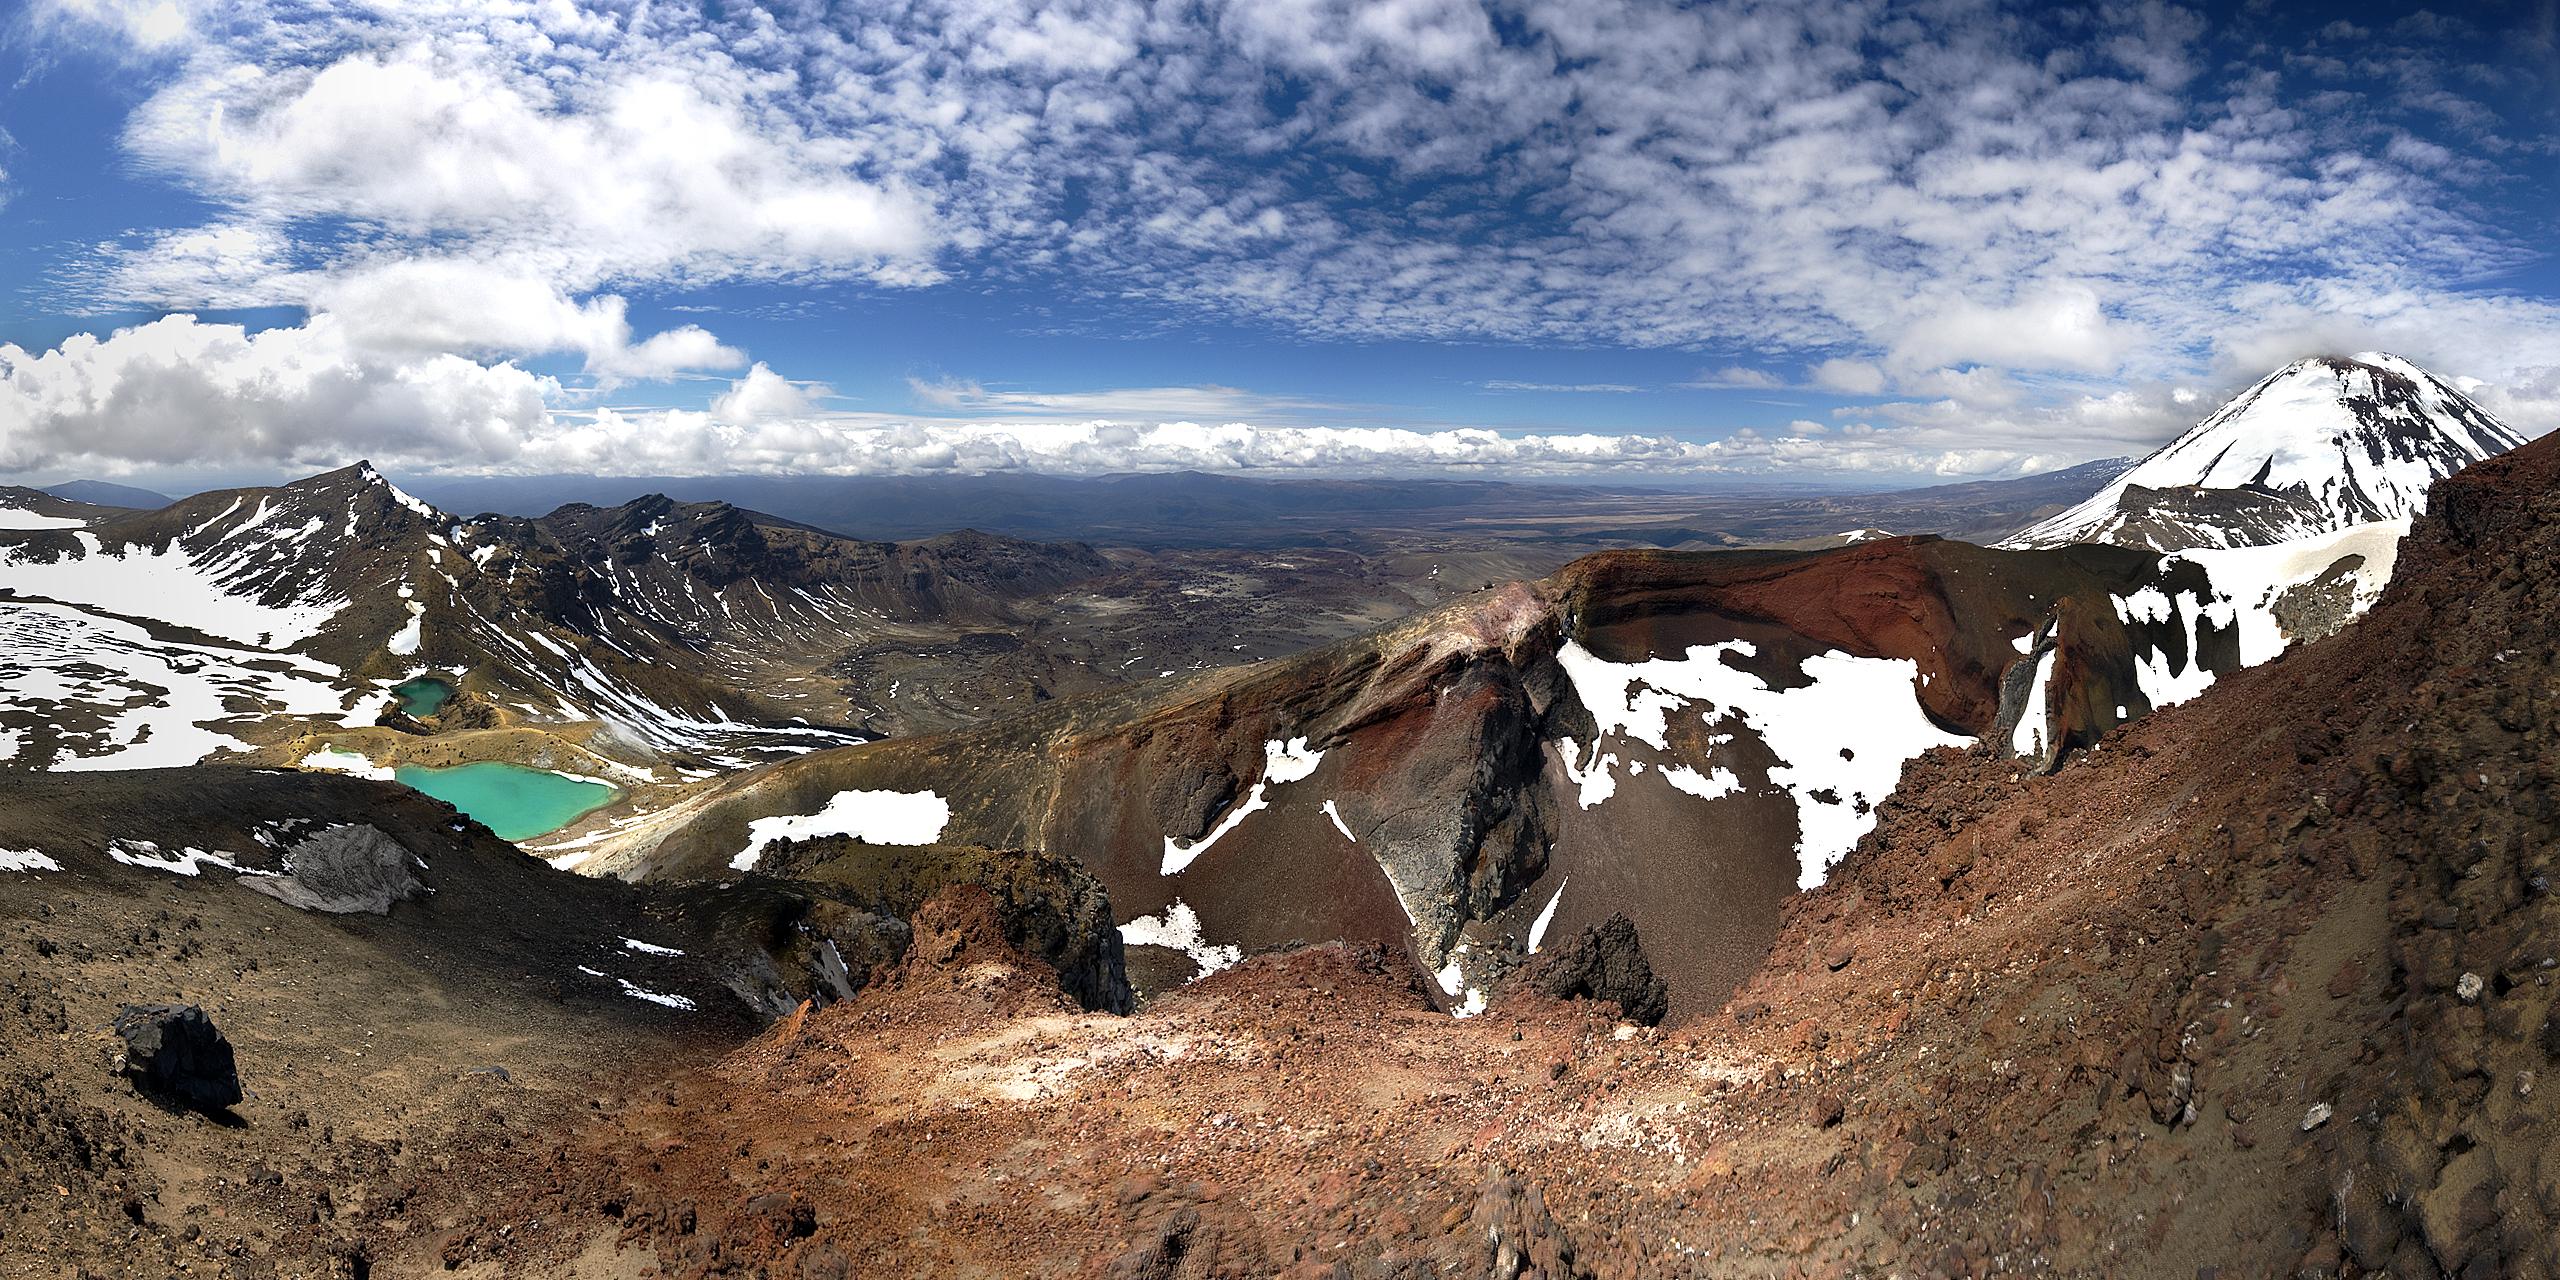 Tongariro Alpine Crossing Winter Tour